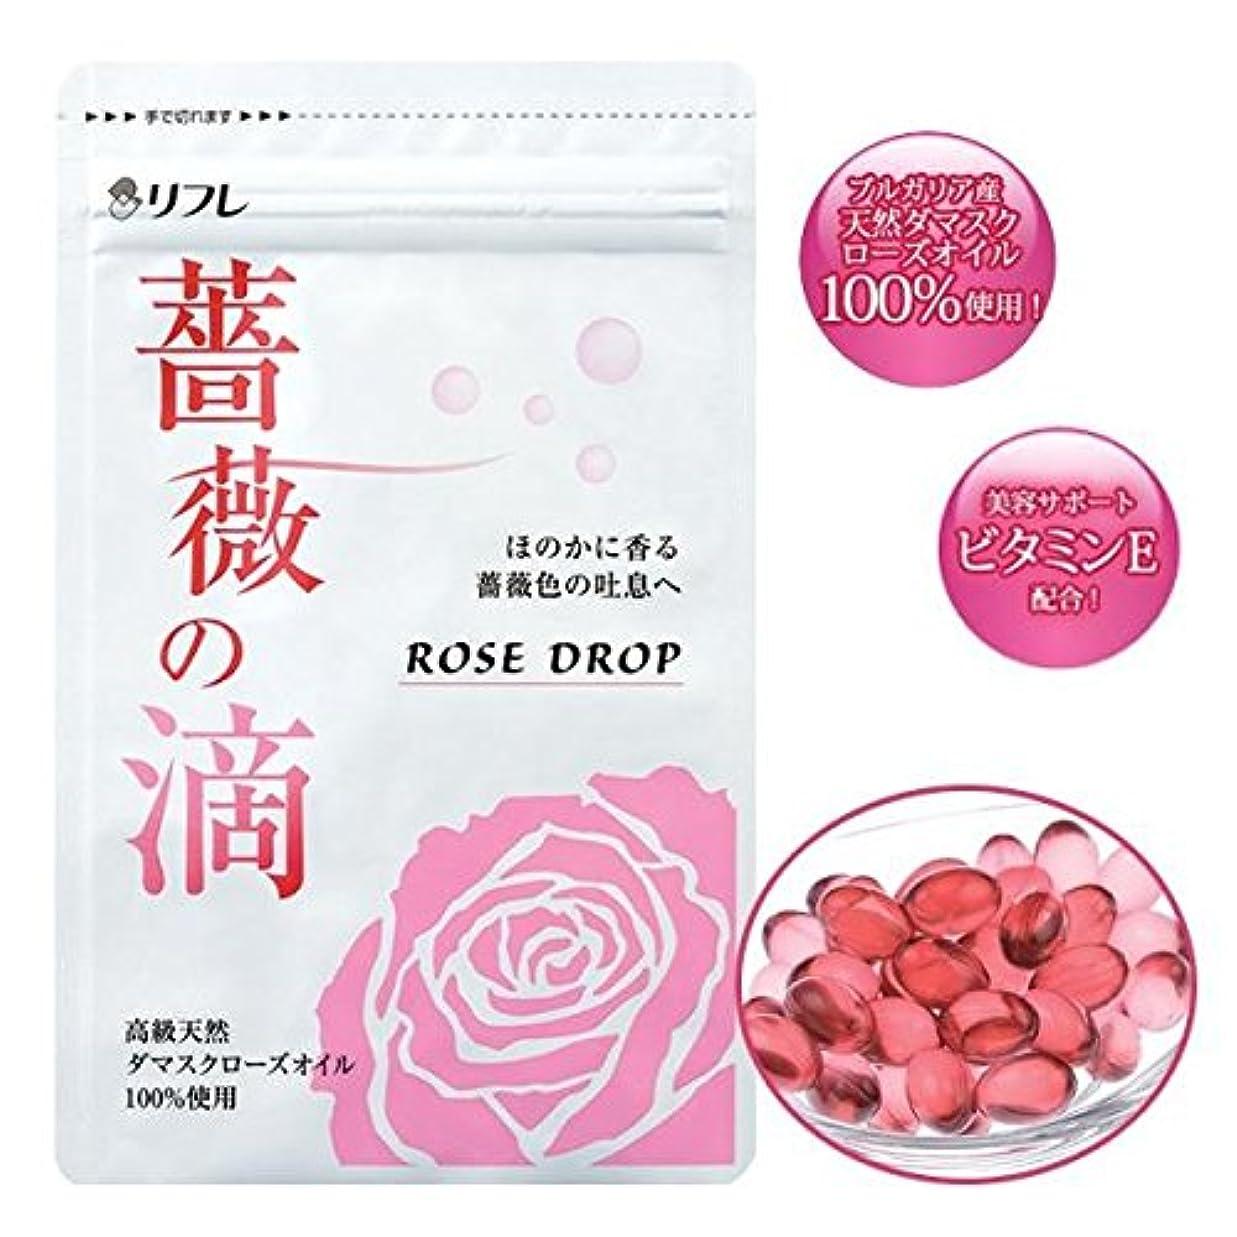 ムス大西洋組み込むリフレ ローズサプリ 薔薇の滴(ばらのしずく) 1袋62粒(約1ヵ月分) 日本製 Japan